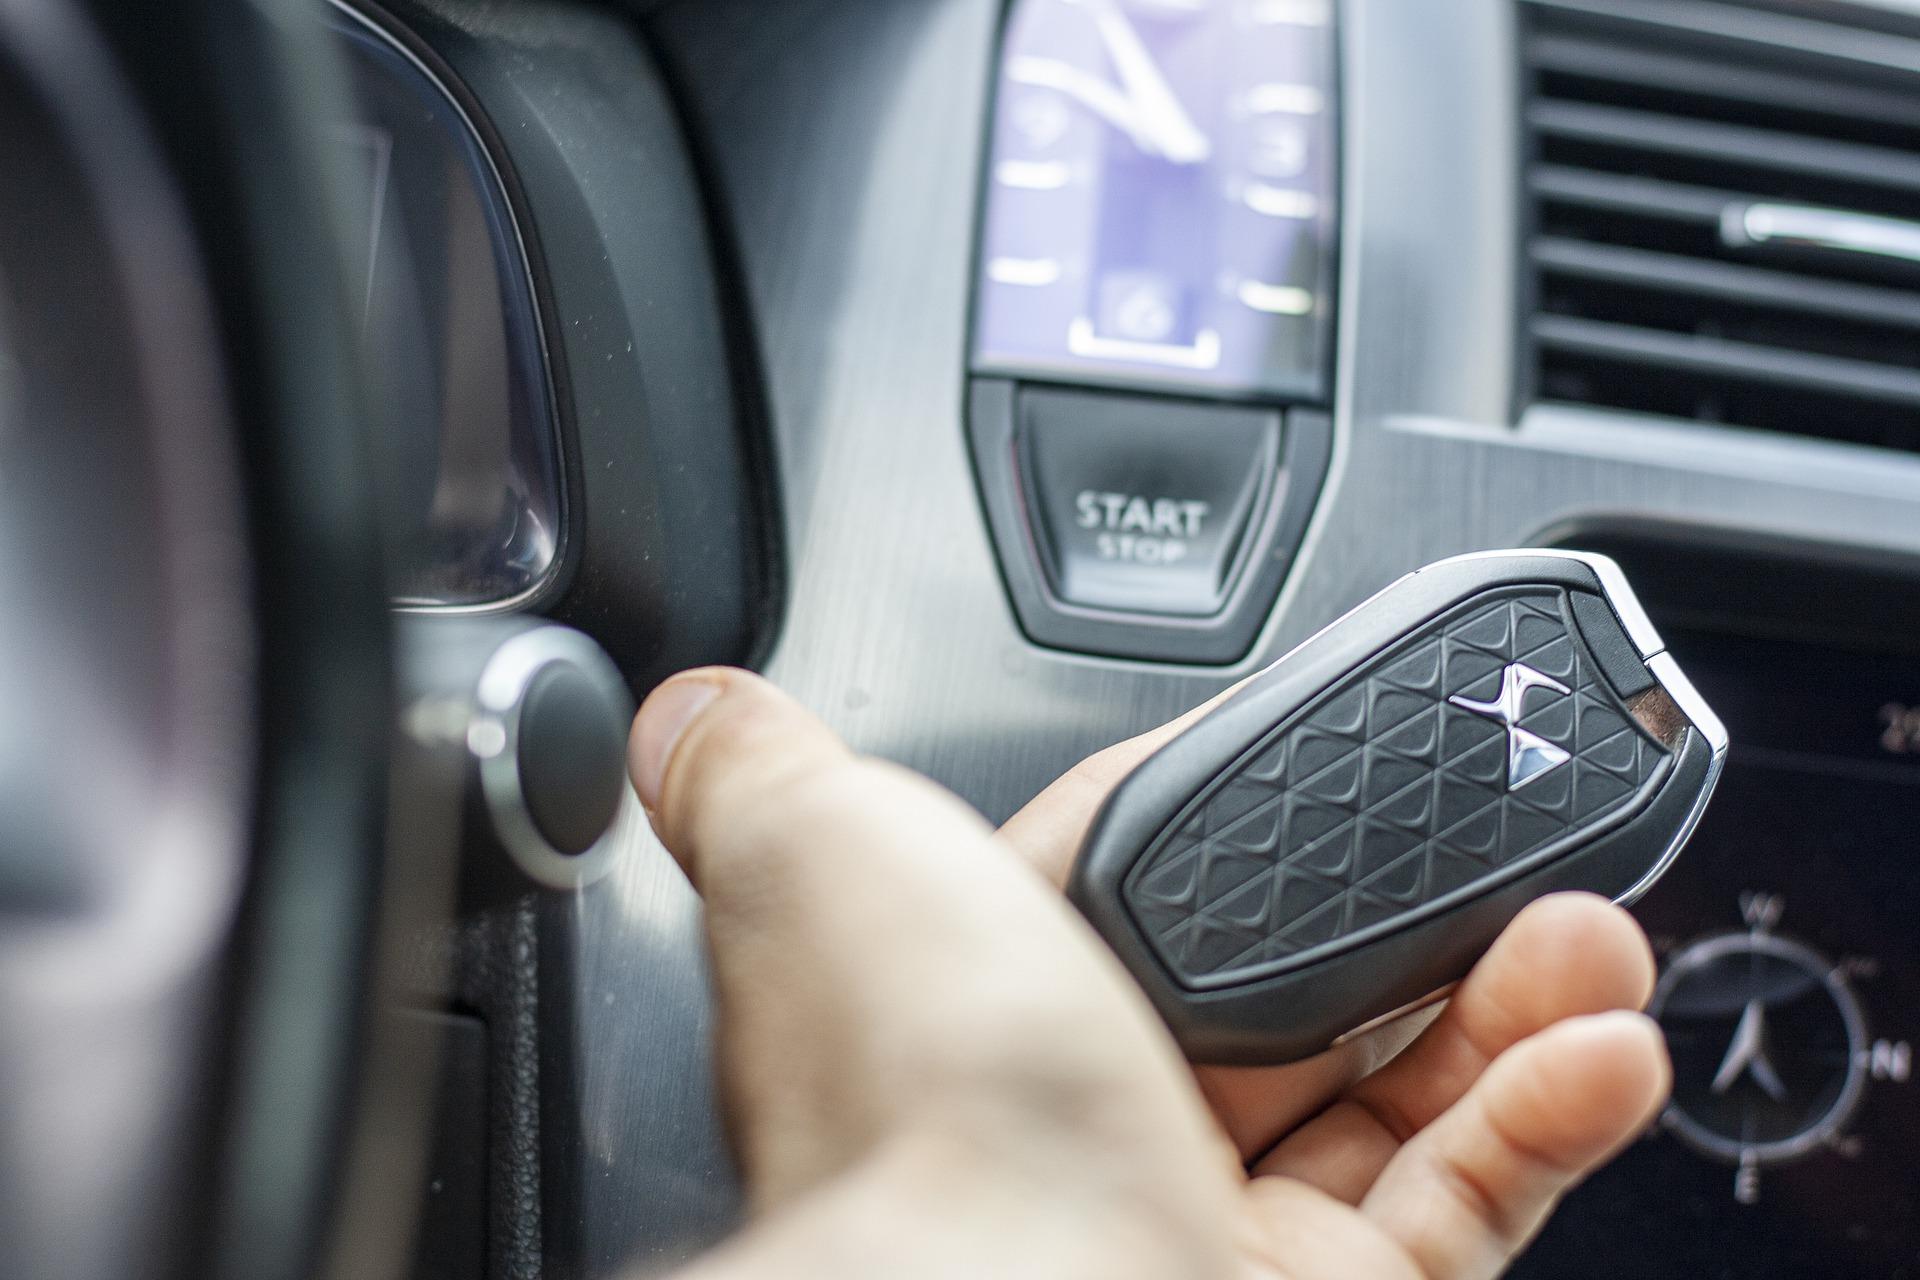 Comment changer le propriétaire d'une carte grise de voiture ?